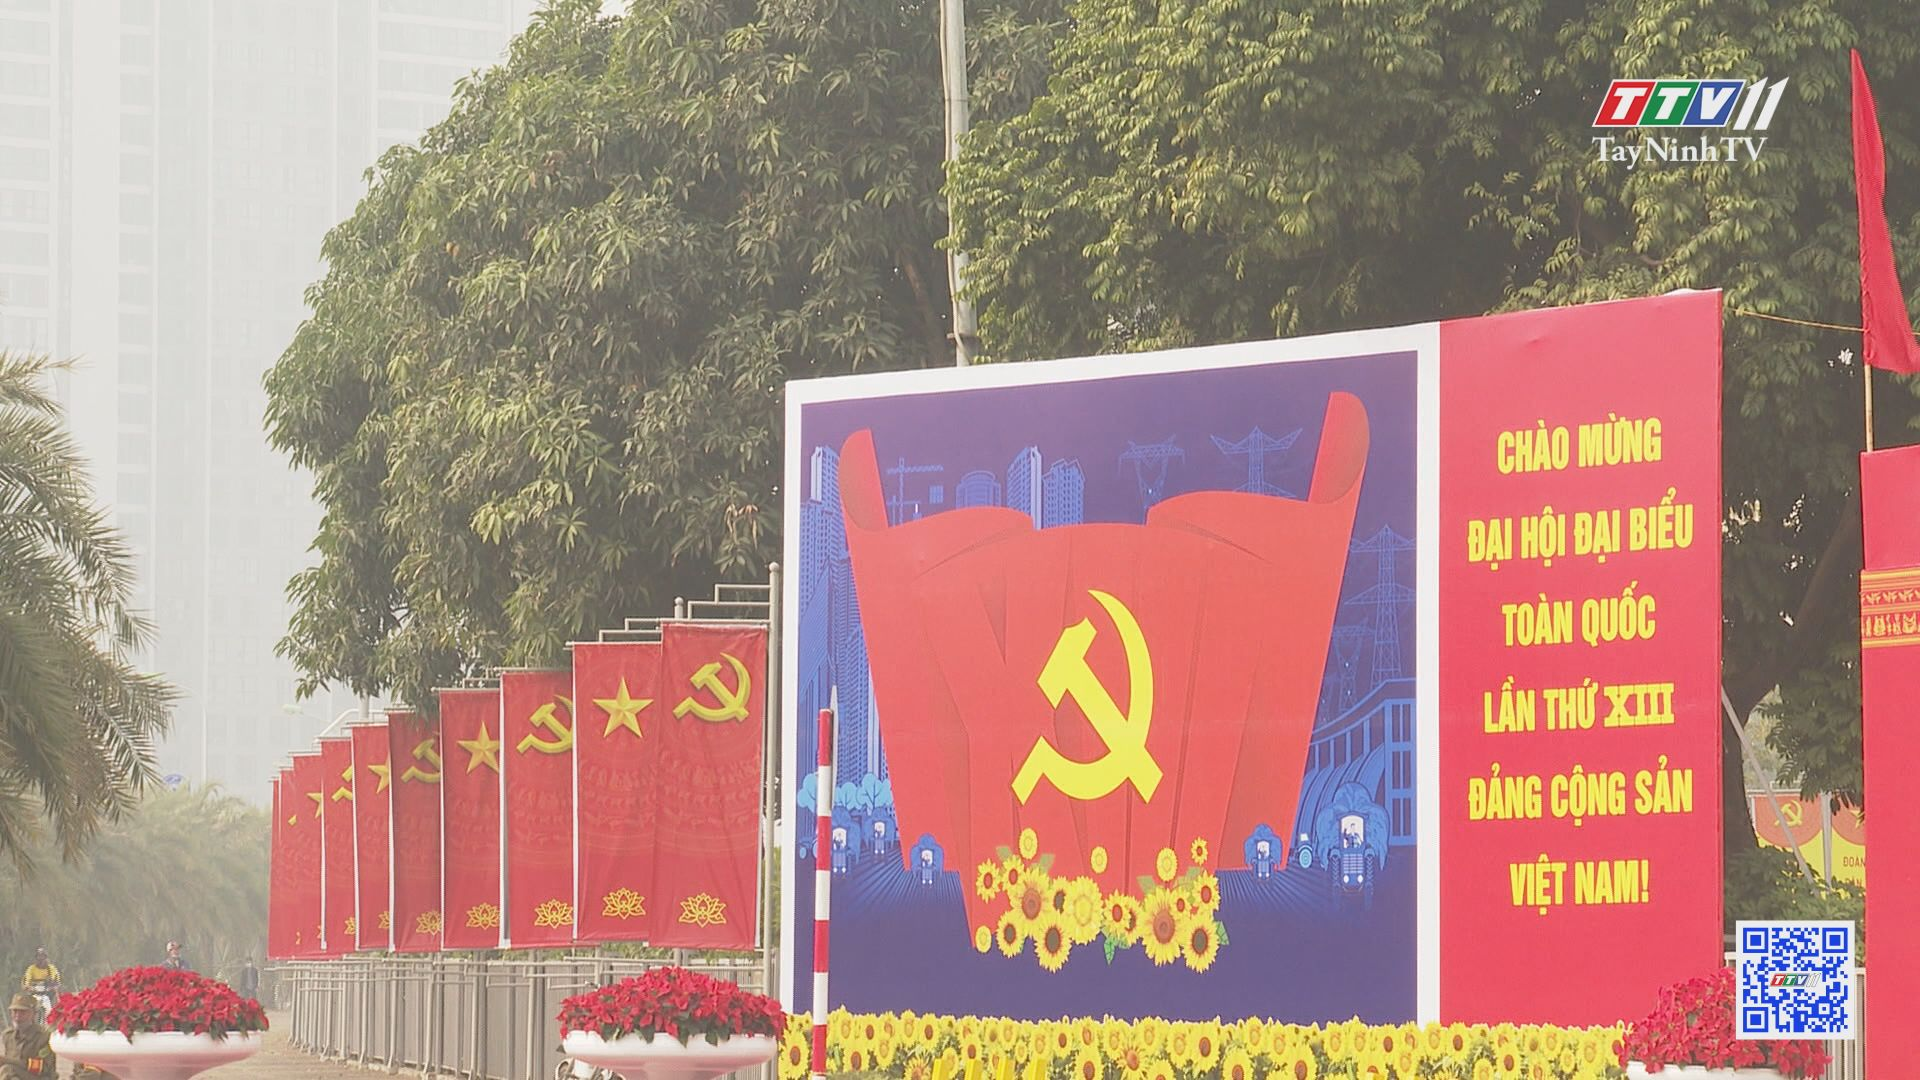 Nhân dân Tây Ninh tin tưởng vào kết quả của Đại hội Đảng toàn quốc lần thứ XIII | TIẾNG NÓI CỬ TRI | TayNinhTV